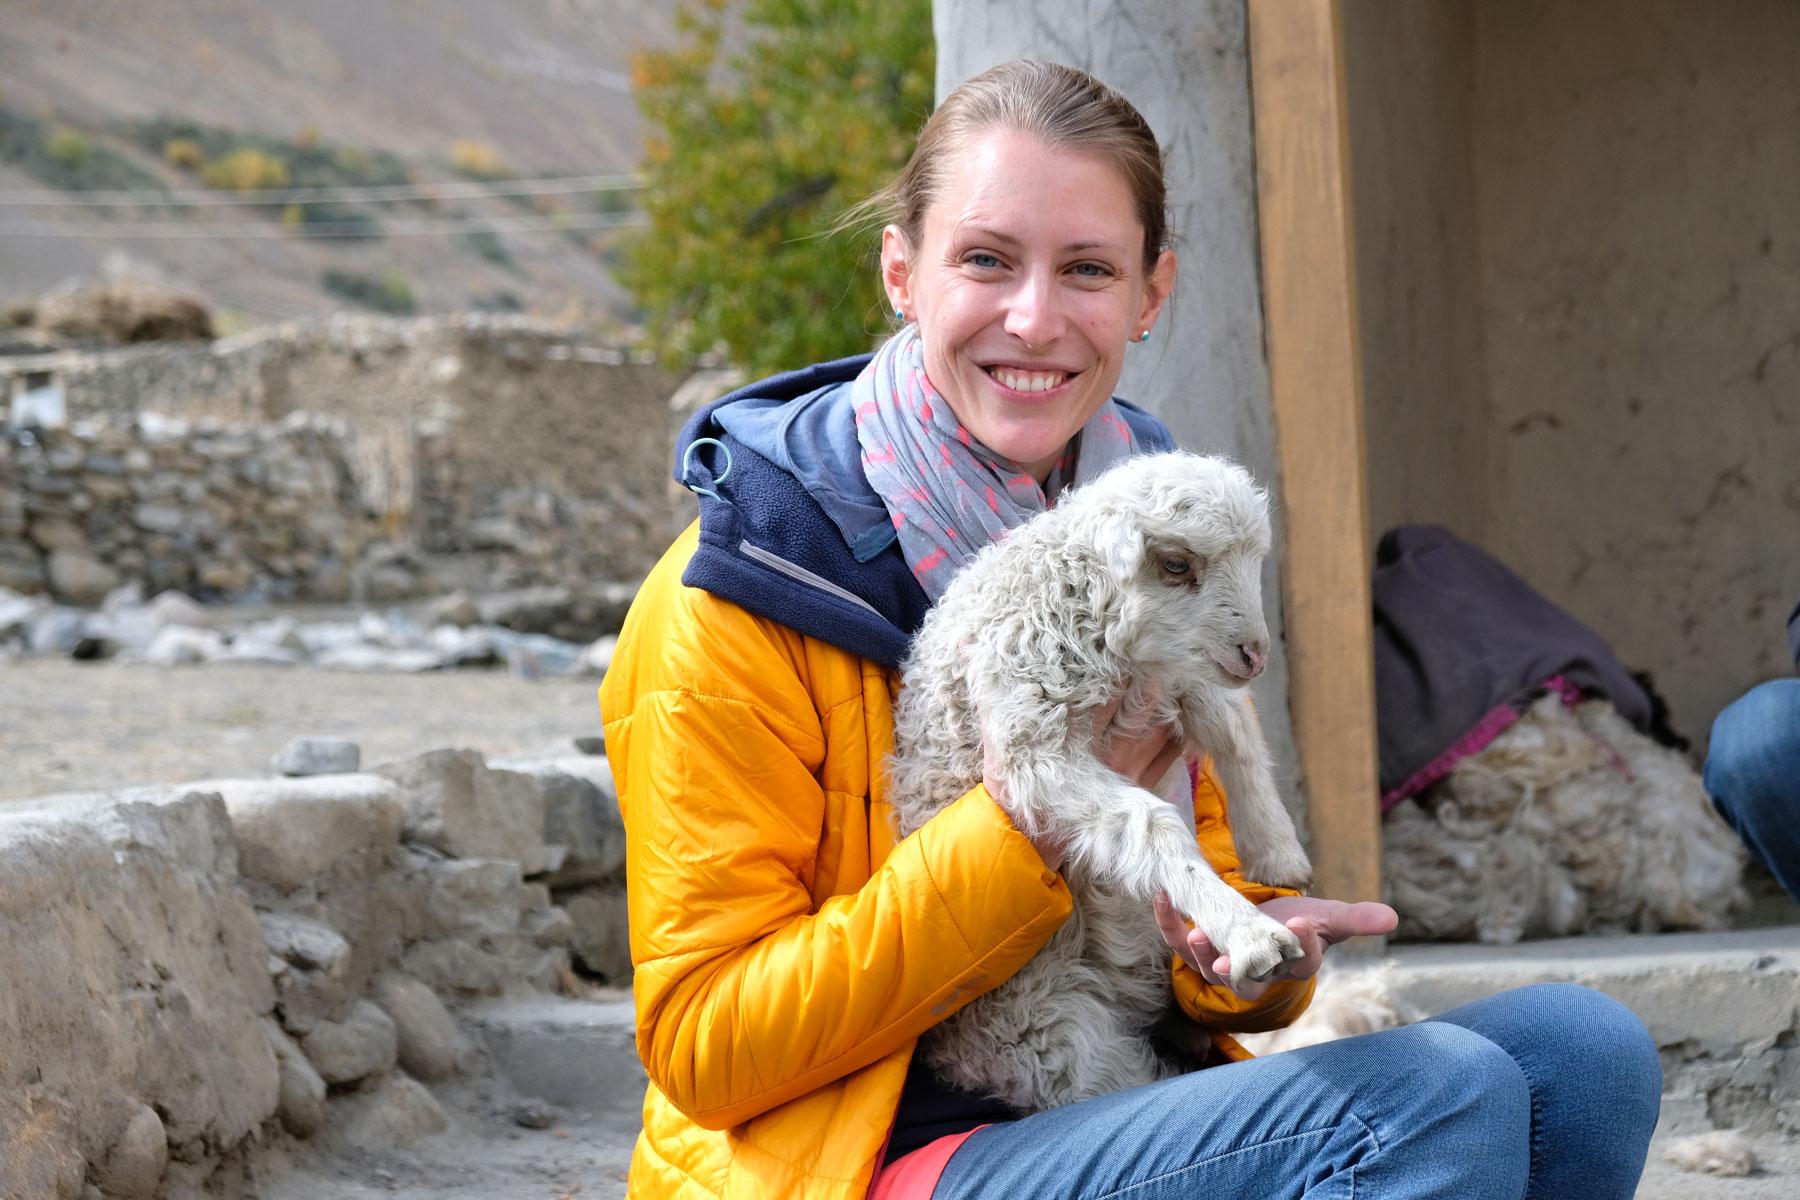 Schaf geschenkt bekommen? Es hat nicht in den Rucksack gepasst und durfte doch in Shimshal bleiben :-)